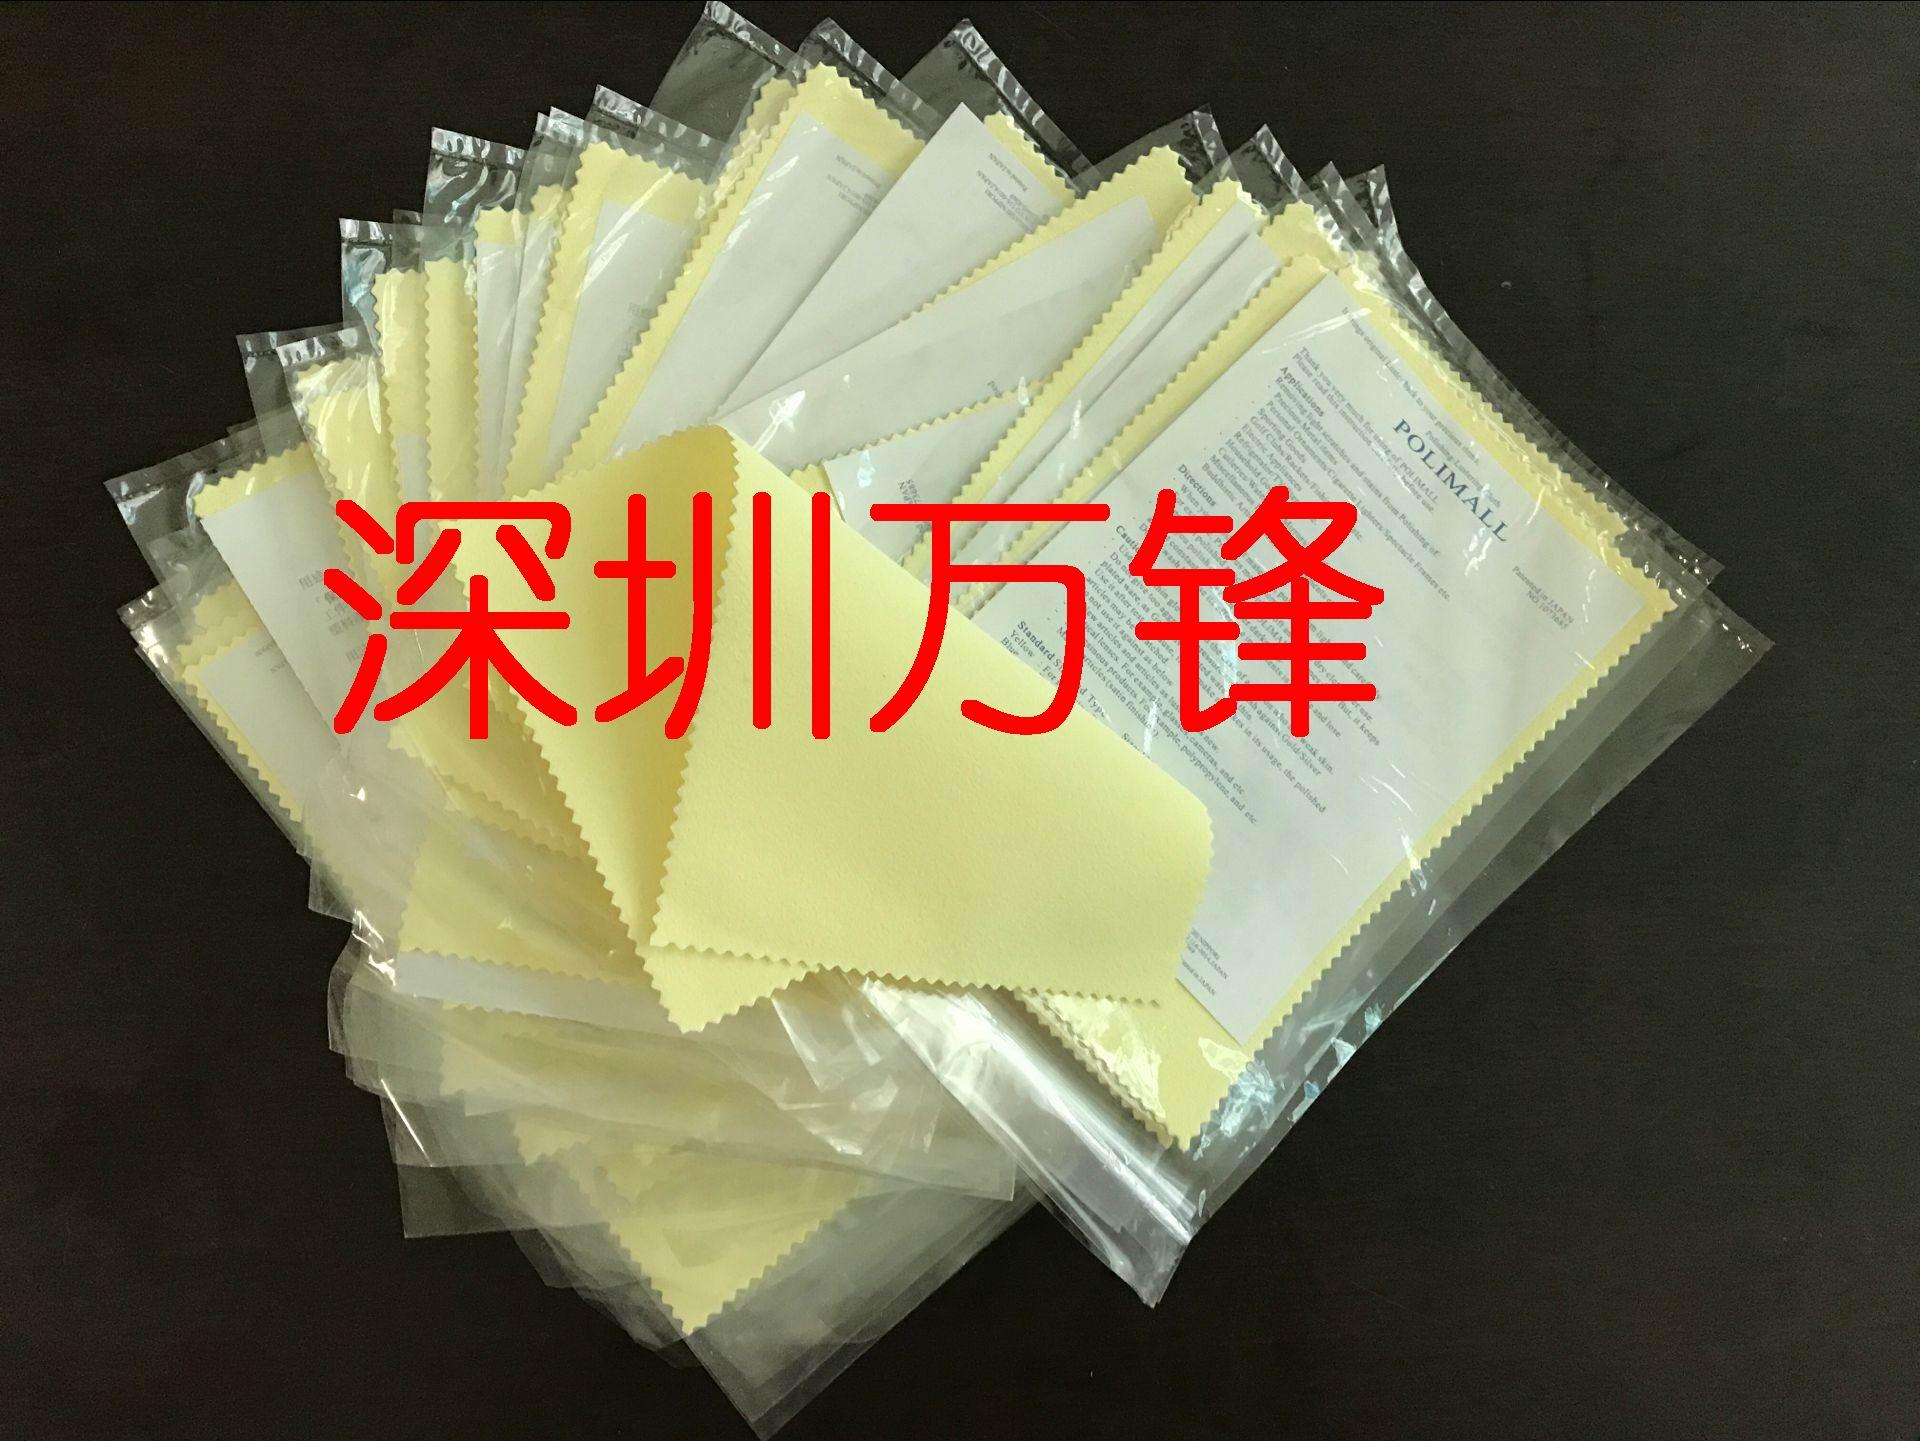 光阳社擦拭布 电镀产品抛光布 磨具抛光 镜面抛光 koyo polimall